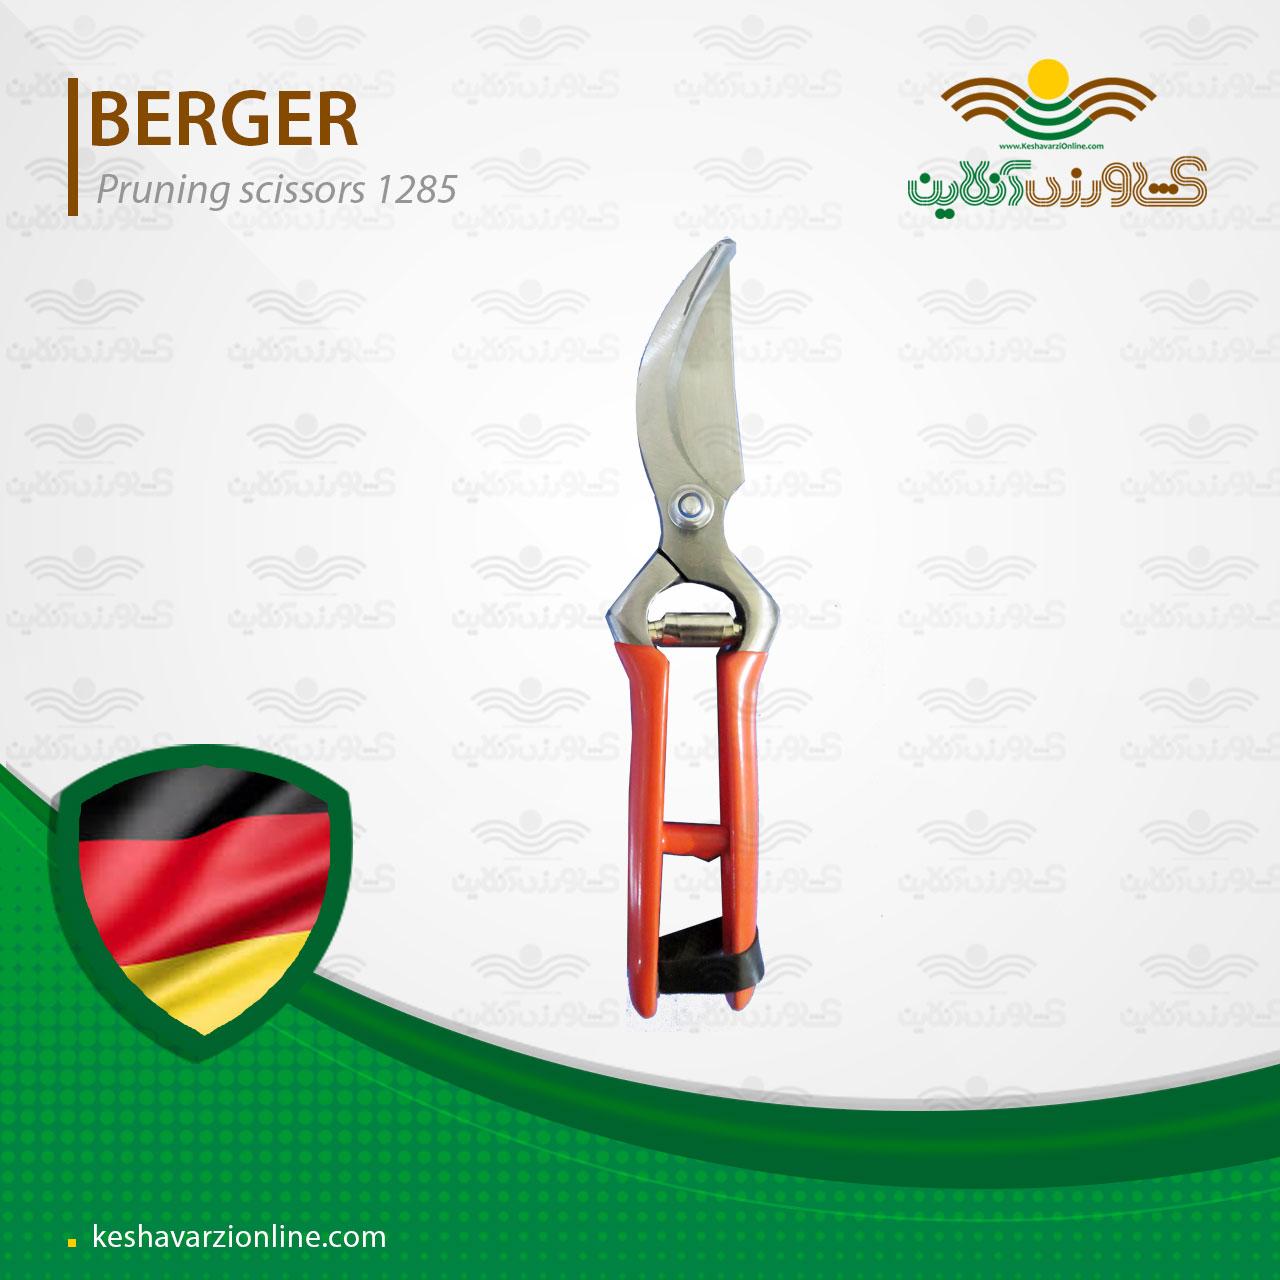 قیچی باغبانی برگر آلمان 1285